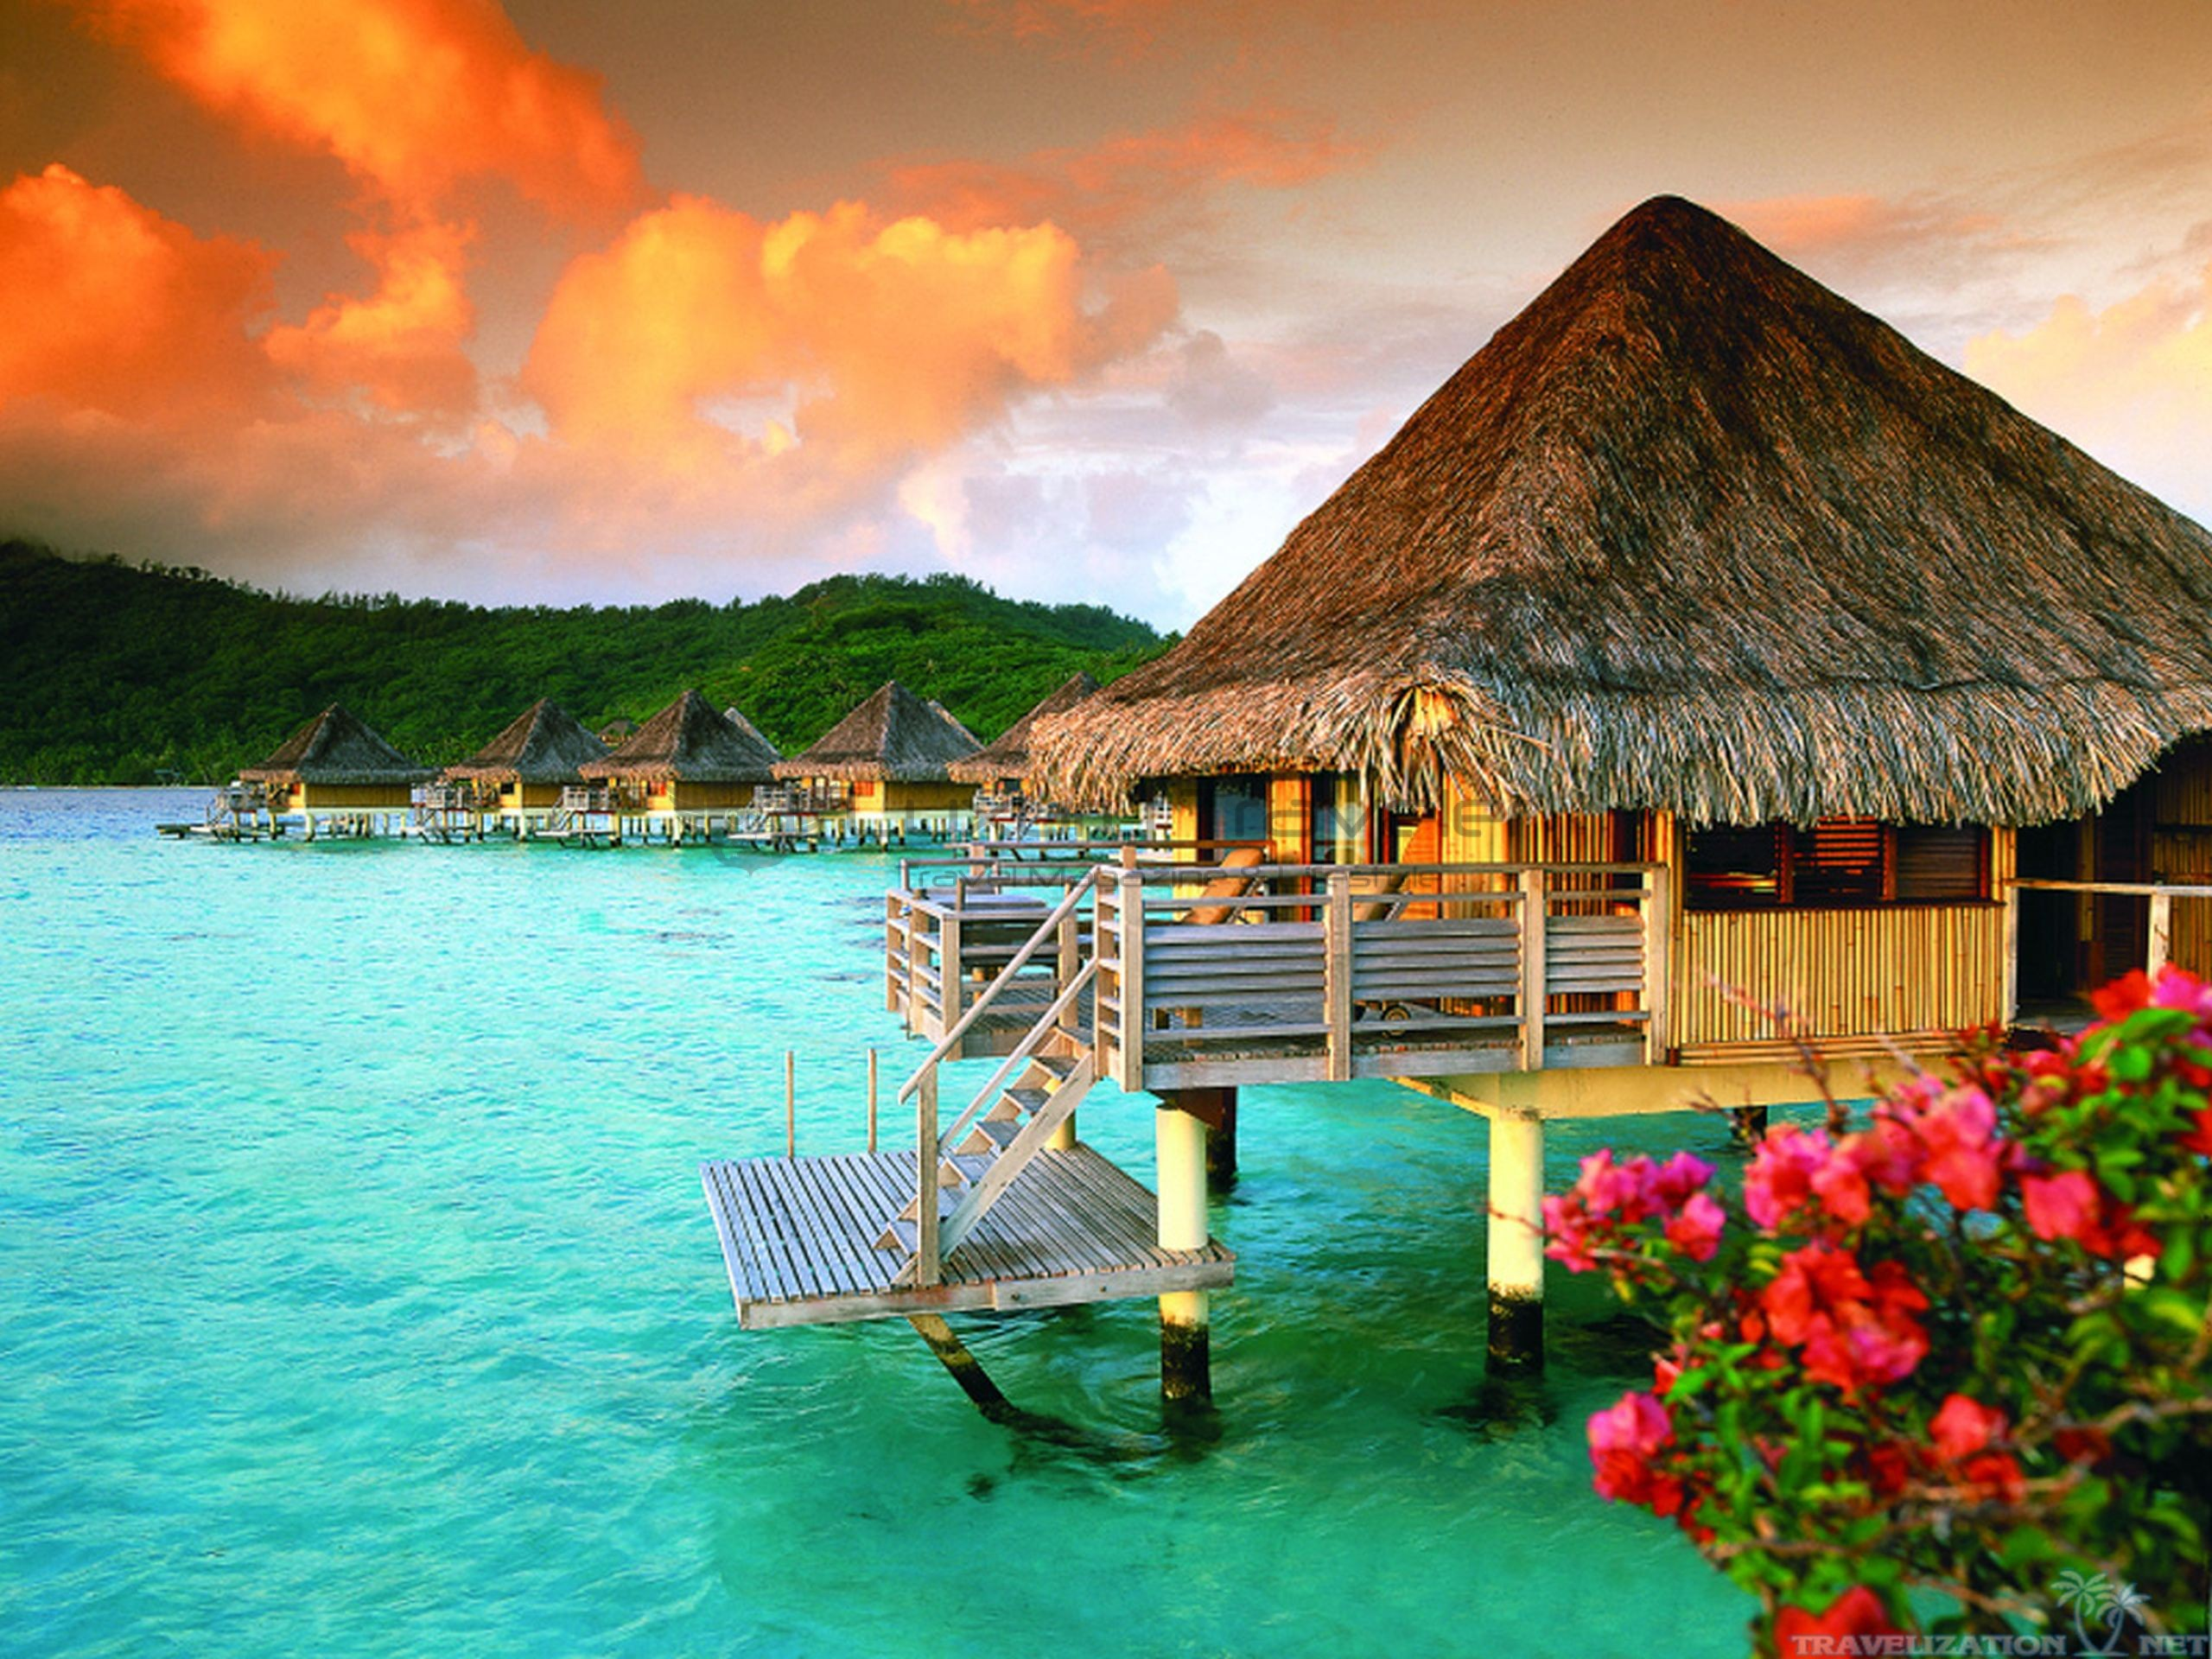 St_Regis_Bora_Bora_French_Polynesia_Luxury_Bungalows